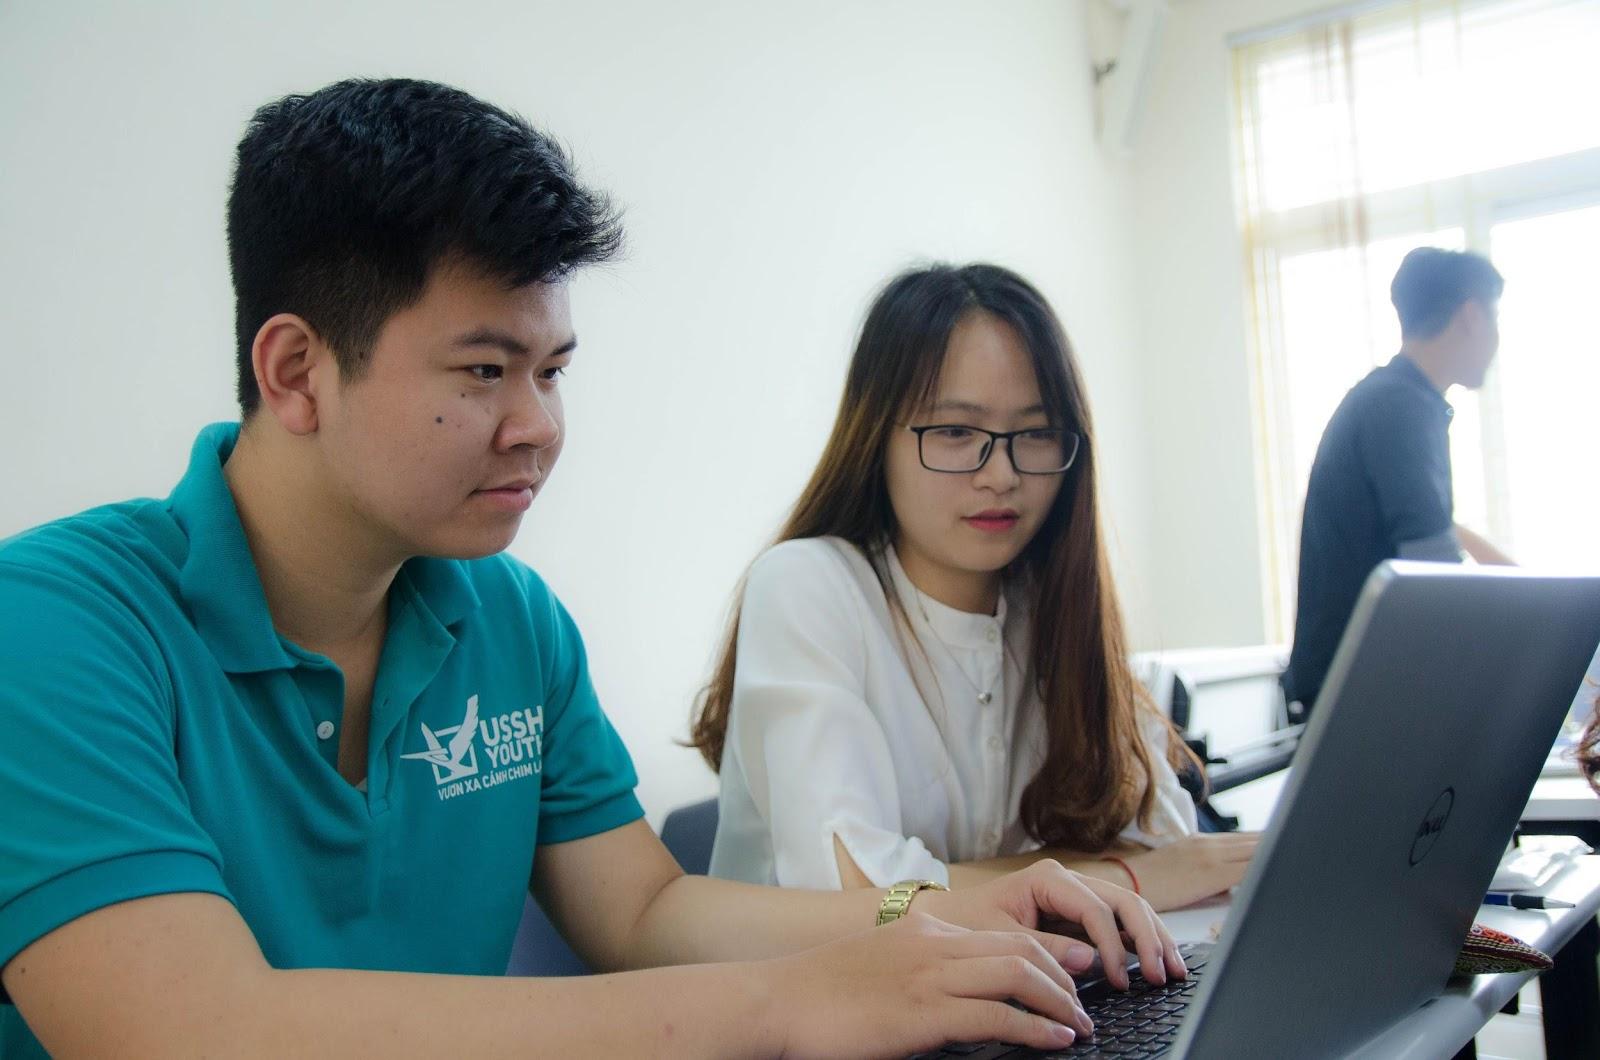 Gia sư tiếng Anh quận Bình Thạnh của Blacasa hỗ trợ rất nhiều cho việc học ngữ pháp